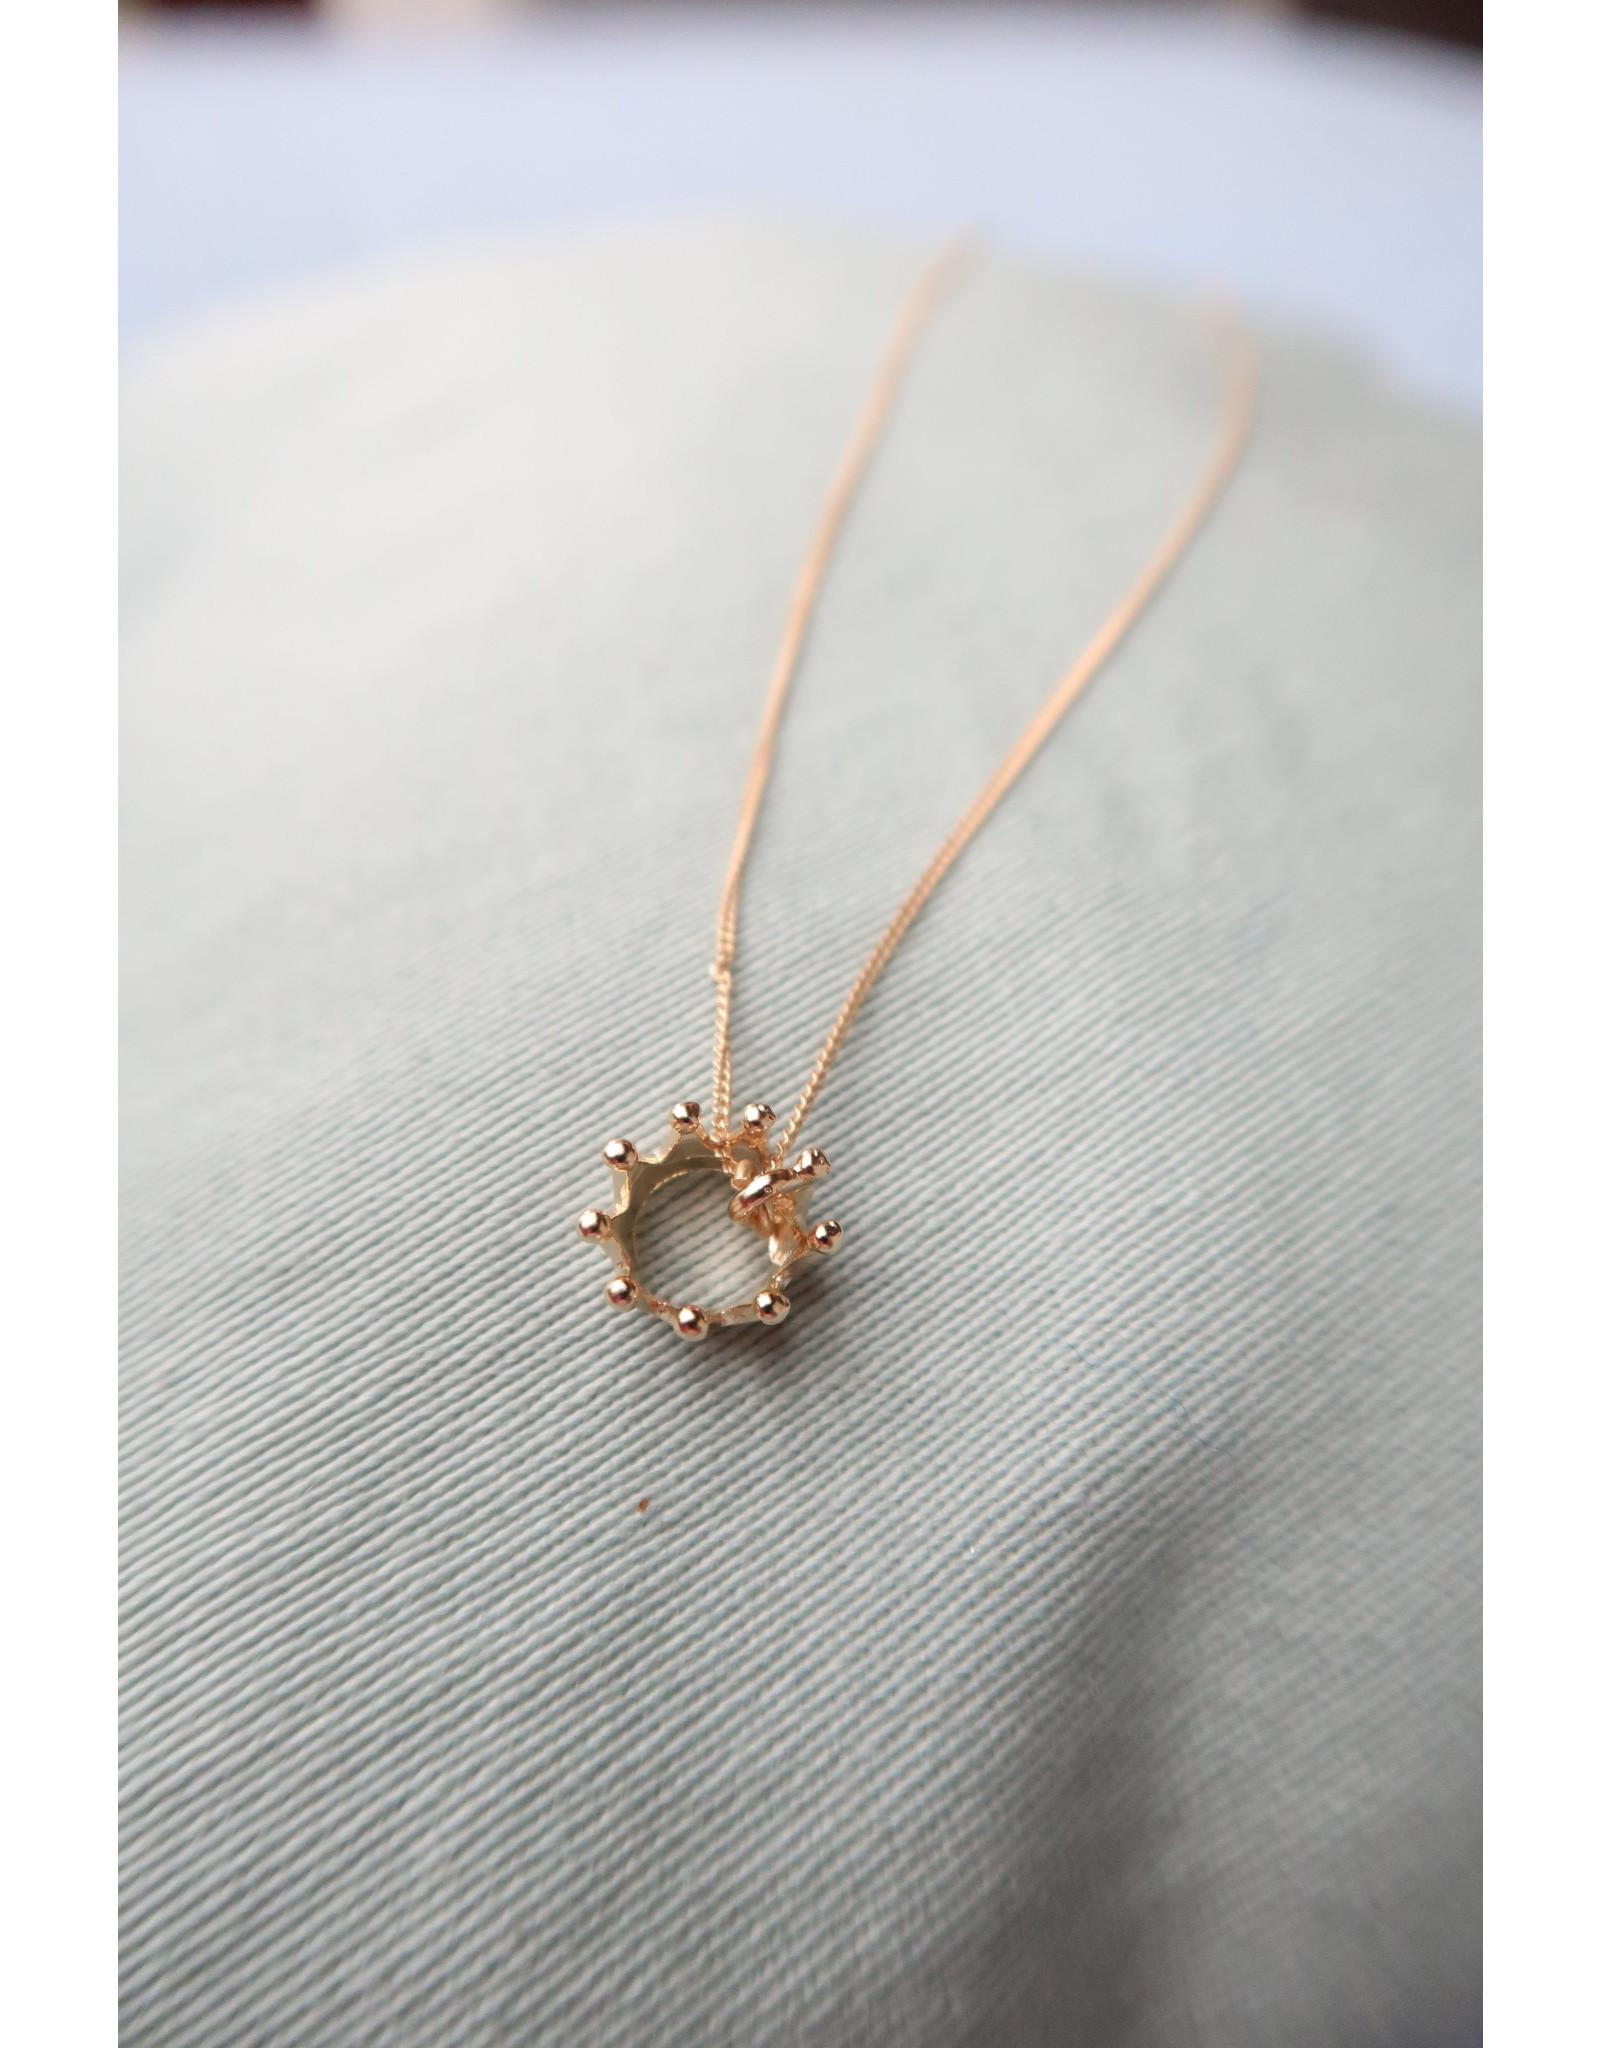 halsketting verguld zilver met kroon, 50cm